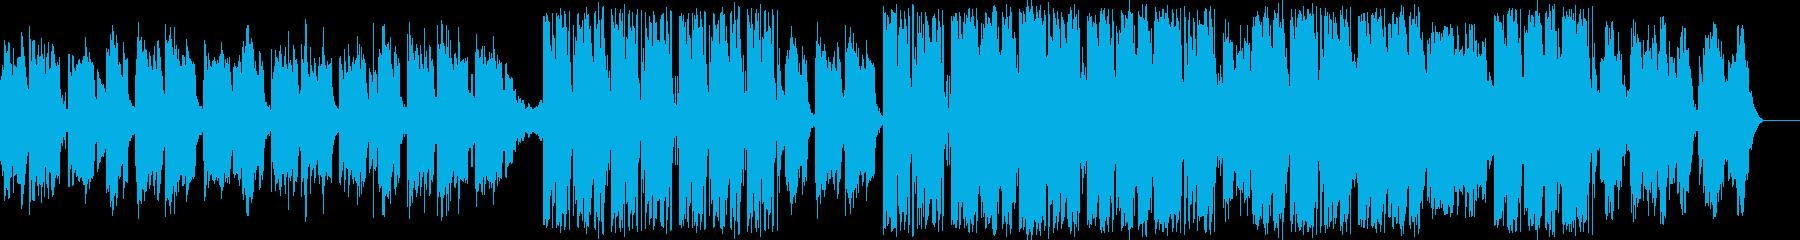 気だるい雰囲気のアコギのBGMの再生済みの波形